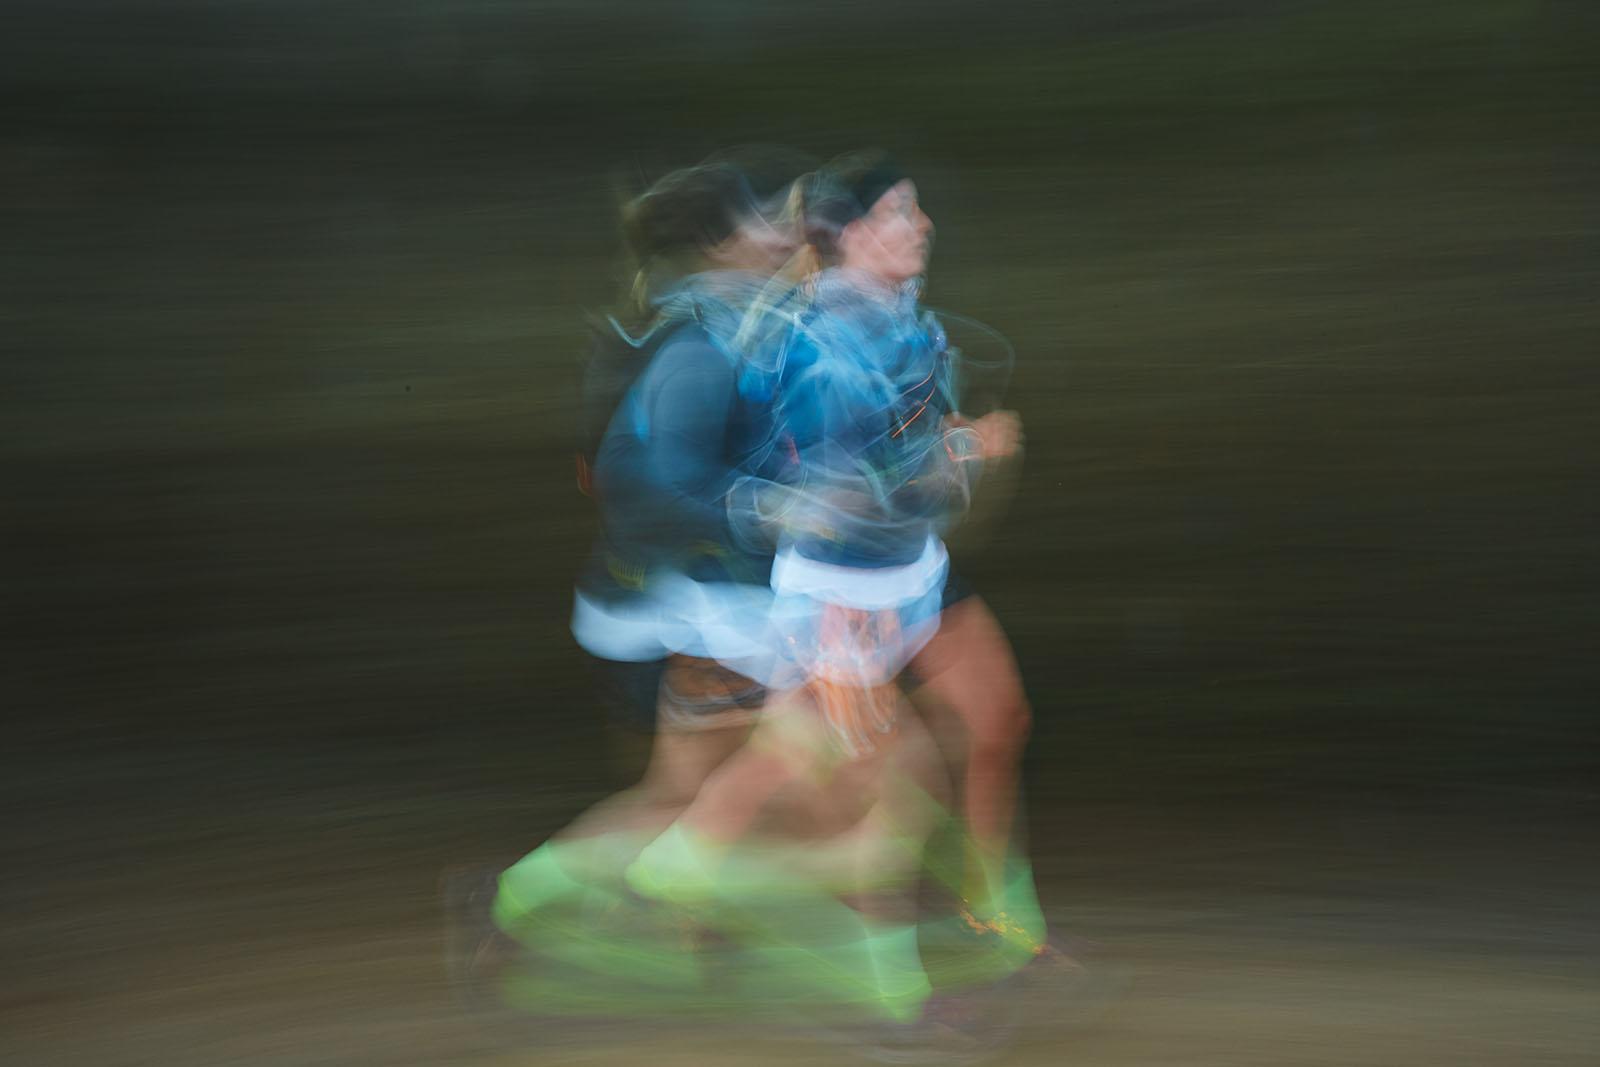 TEST-endurance-1 361.jpg